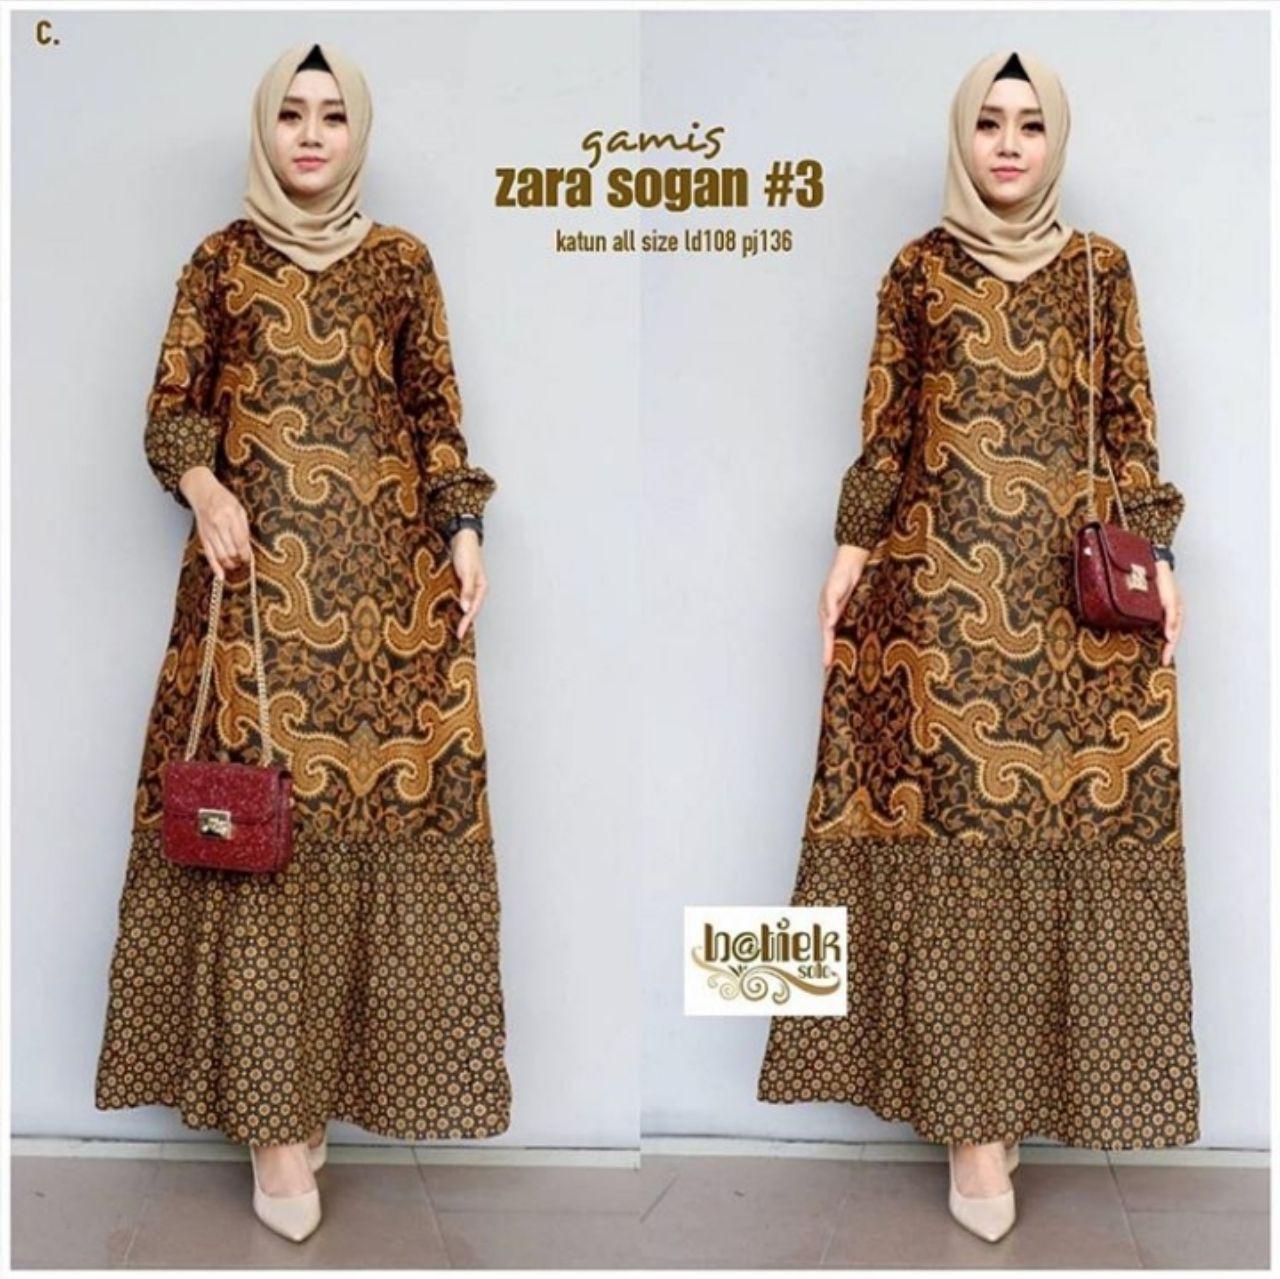 Gamis Batik Kombinasi Dress Batik Baju Muslim Wanita Gamis Syari bawah Klok  Katun Halus